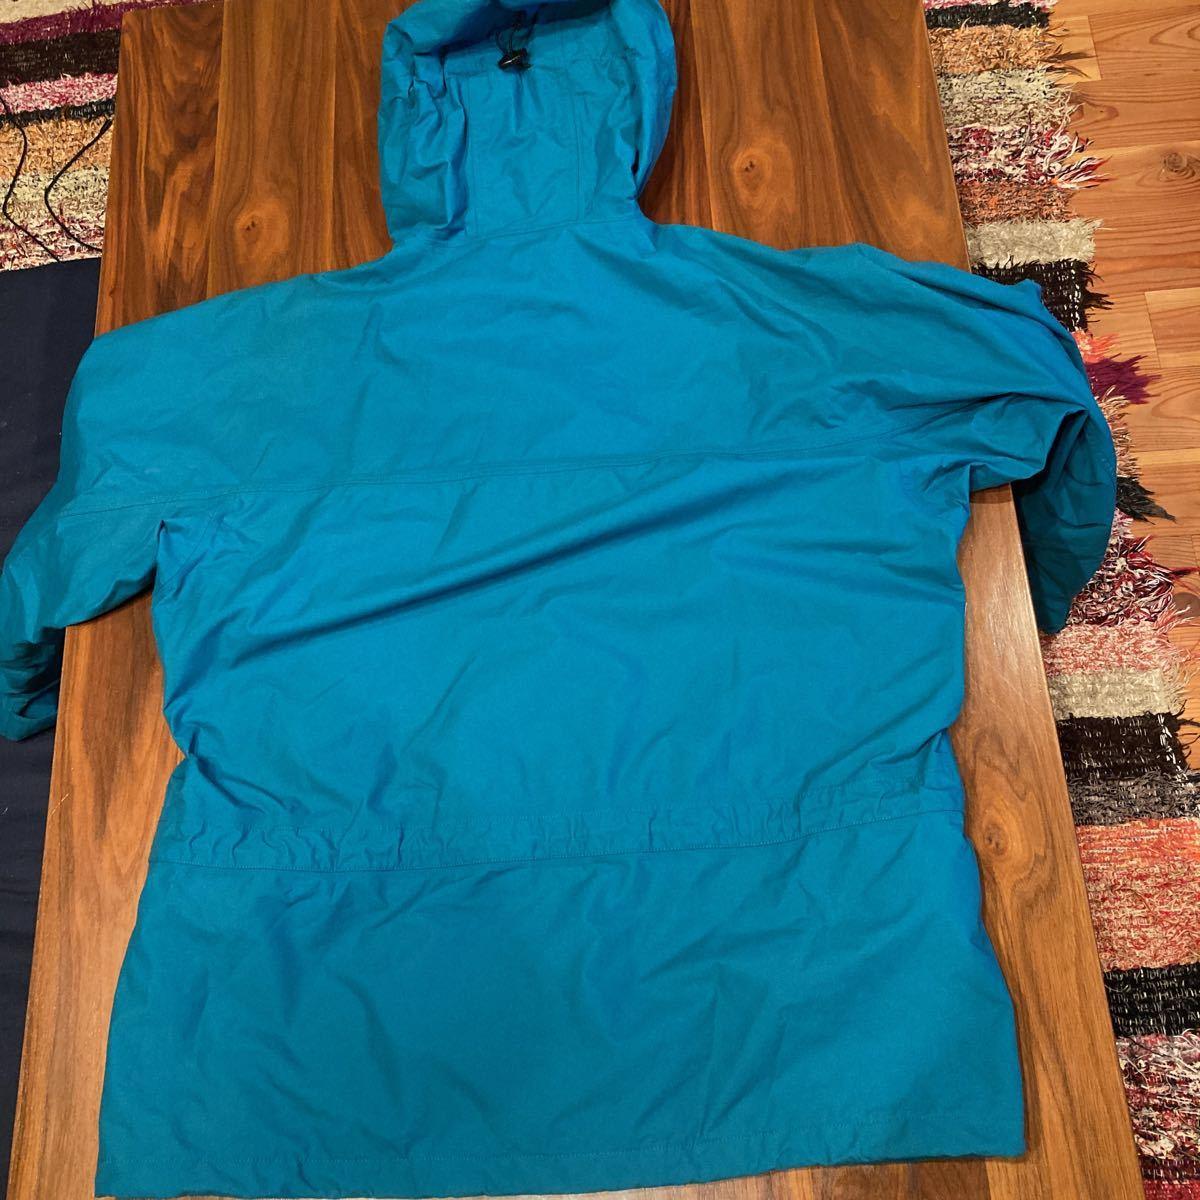 キレイ! patagonia 00年 ストームジャケット L エメラルドグリーン パタゴニア storm jacket マウンテンパーカー ナイロンジャケット_画像9